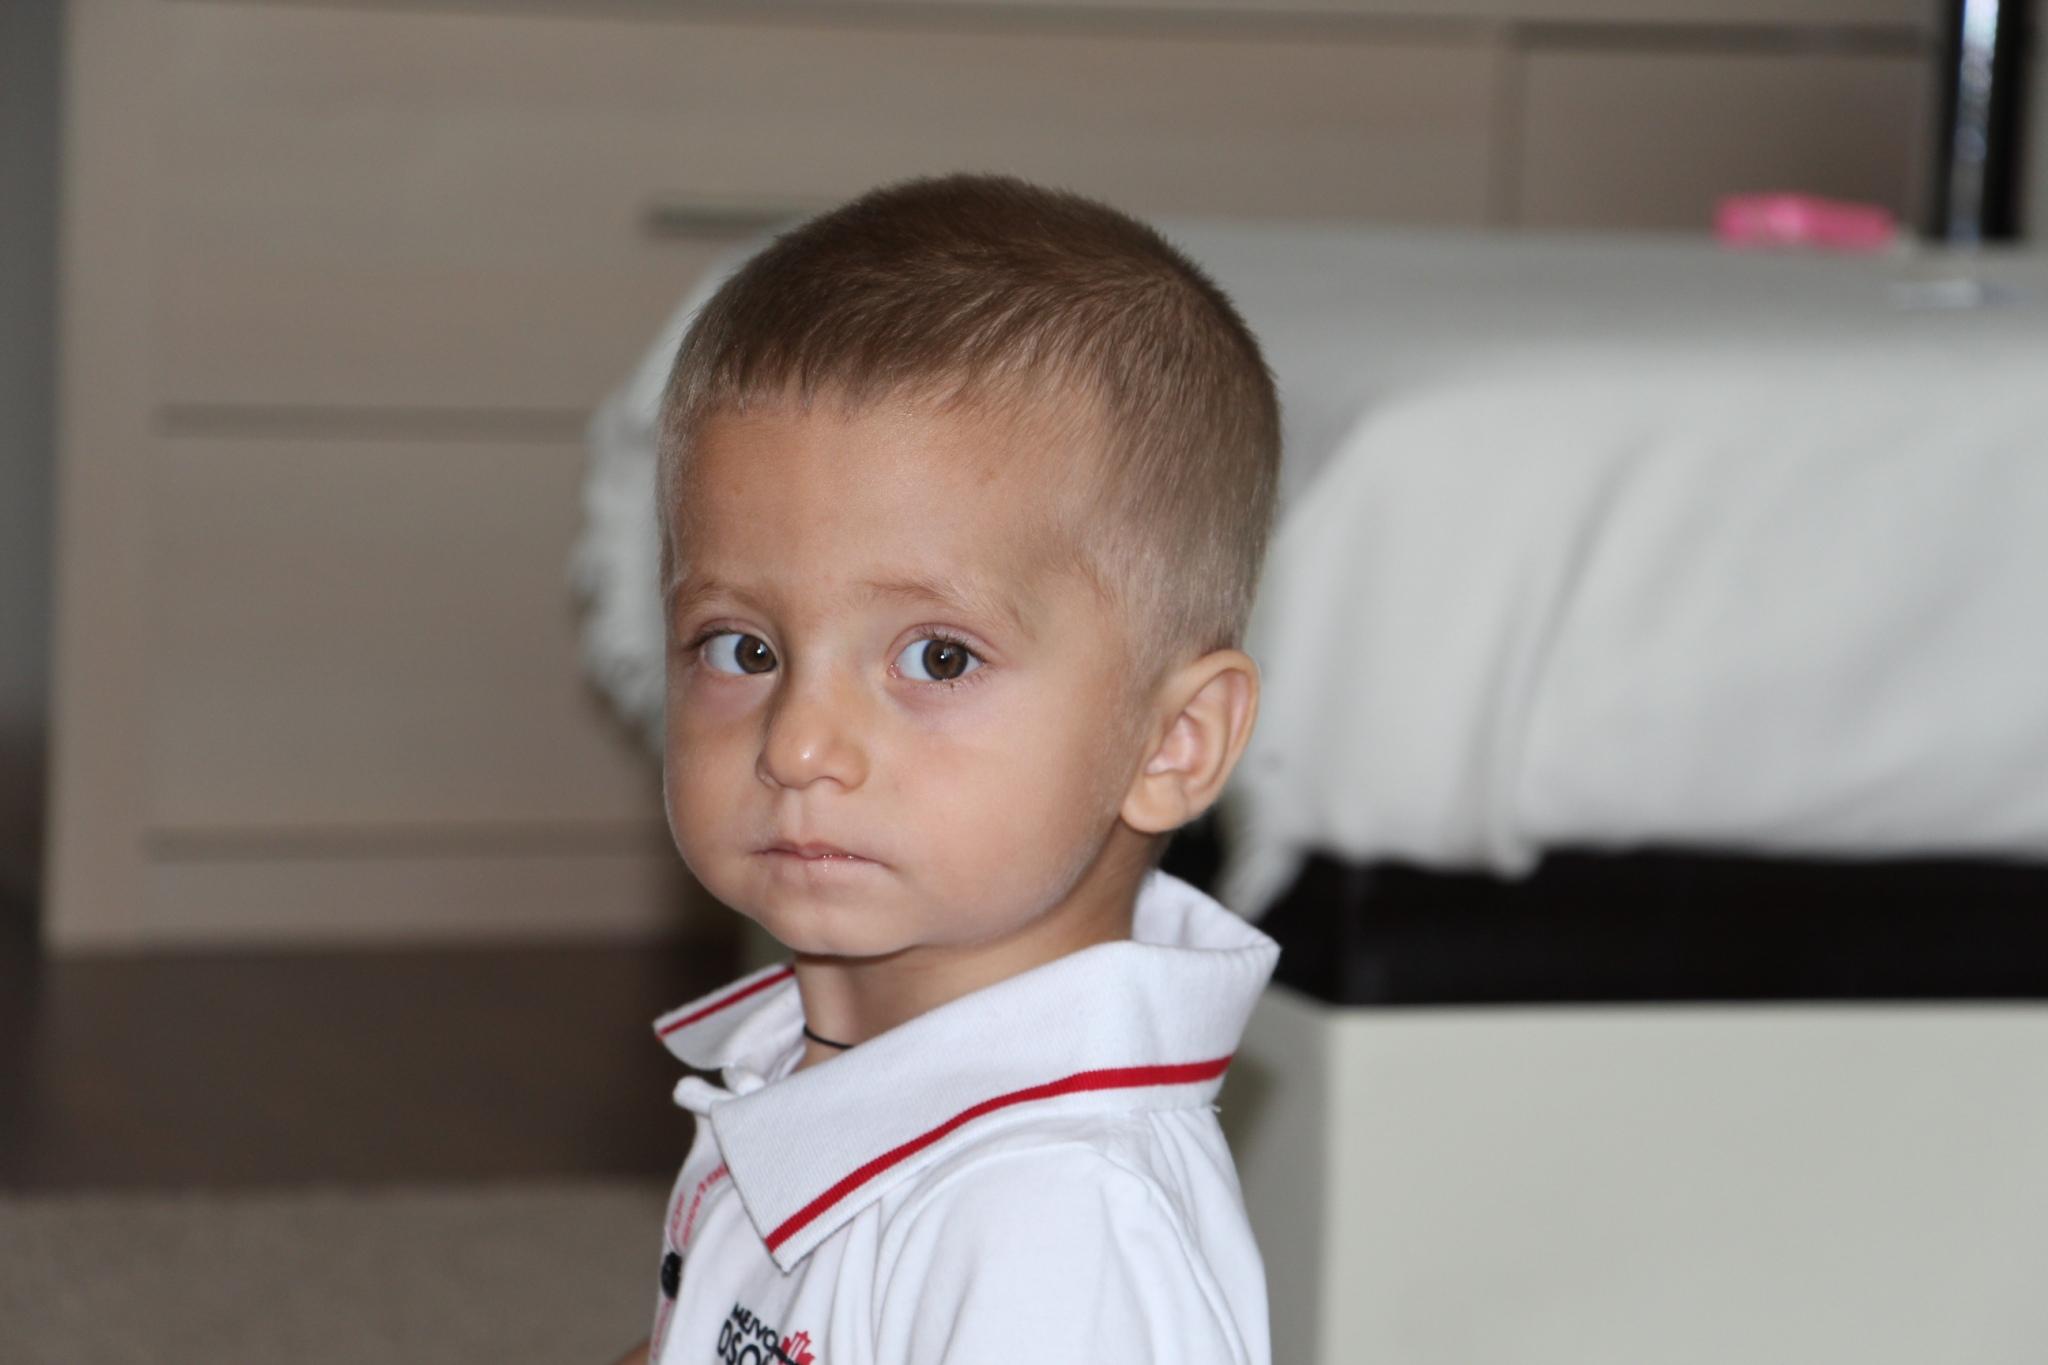 Аномалия денди уокера фото детей